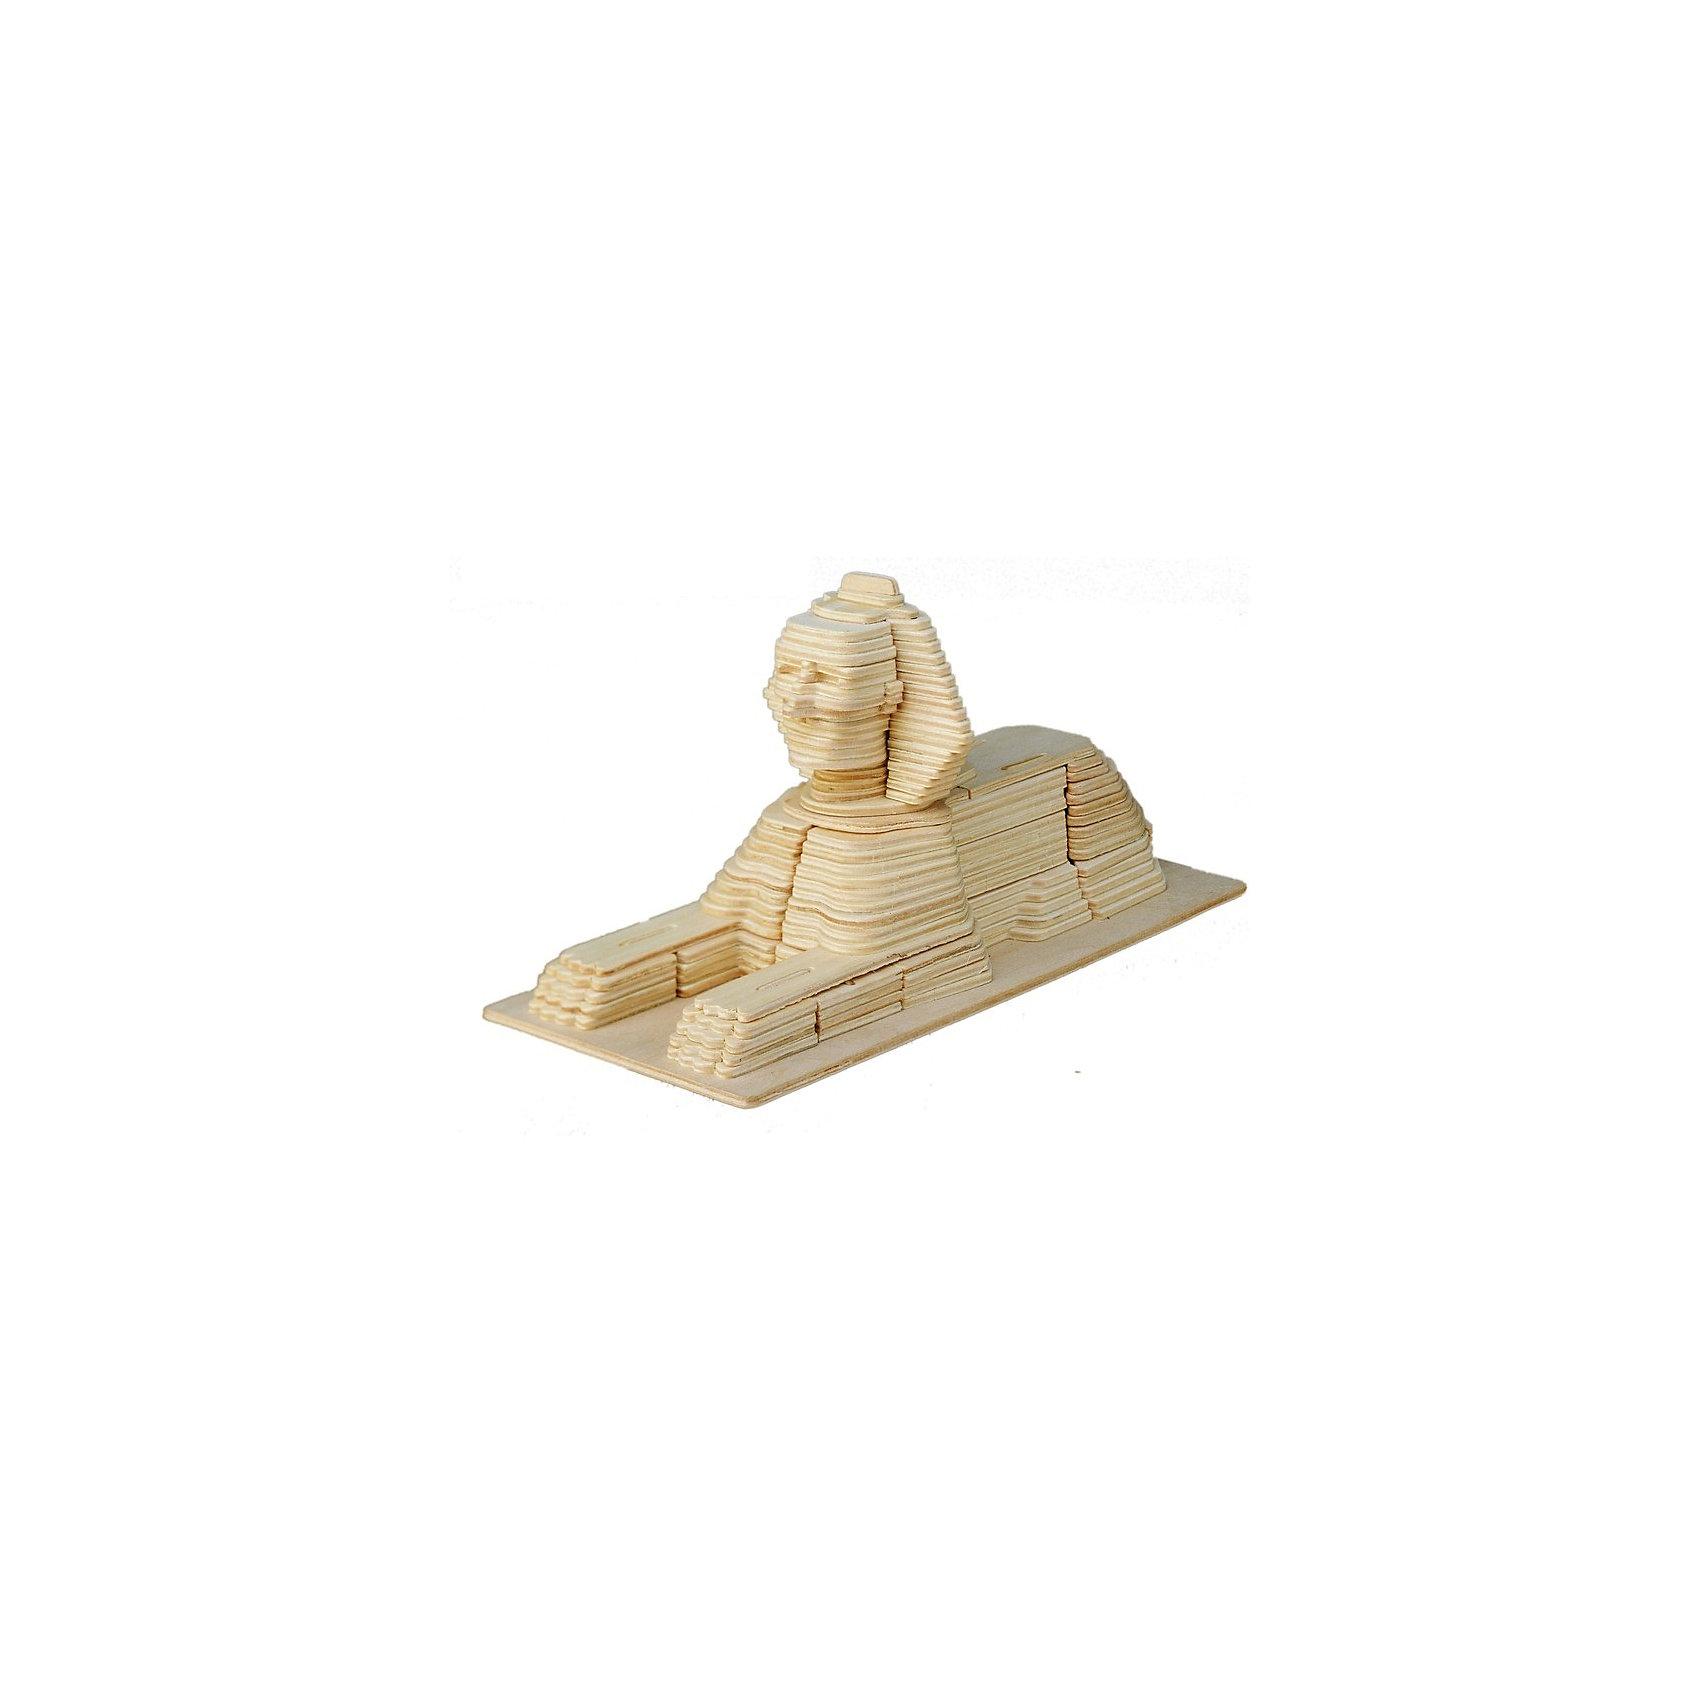 Сфинкс, Мир деревянных игрушекРукоделие<br>Отличный вариант подарка для любящего историю и архитектуру творческого ребенка - этот набор, из которого можно самому сделать красивую деревянную фигуру! Для этого нужно выдавить из пластины с деталями элементы для сборки и соединить их. Из наборов получаются красивые очень реалистичные игрушки, которые могут стать украшением комнаты.<br>Собирая их, ребенок будет развивать пространственное мышление, память и мелкую моторику. А раскрашивая готовое произведение, дети научатся подбирать цвета и будут развивать художественные навыки. Этот набор произведен из качественных и безопасных для детей материалов - дерево тщательно обработано.<br><br>Дополнительная информация:<br><br>материал: дерево;<br>цвет: бежевый;<br>элементы: пластины с деталями для сборки, схема сборки;<br>размер упаковки: 23 х 37 см.<br><br>3D-пазл Сфинкс от бренда Мир деревянных игрушек можно купить в нашем магазине.<br><br>Ширина мм: 350<br>Глубина мм: 50<br>Высота мм: 225<br>Вес г: 450<br>Возраст от месяцев: 36<br>Возраст до месяцев: 144<br>Пол: Унисекс<br>Возраст: Детский<br>SKU: 4969144